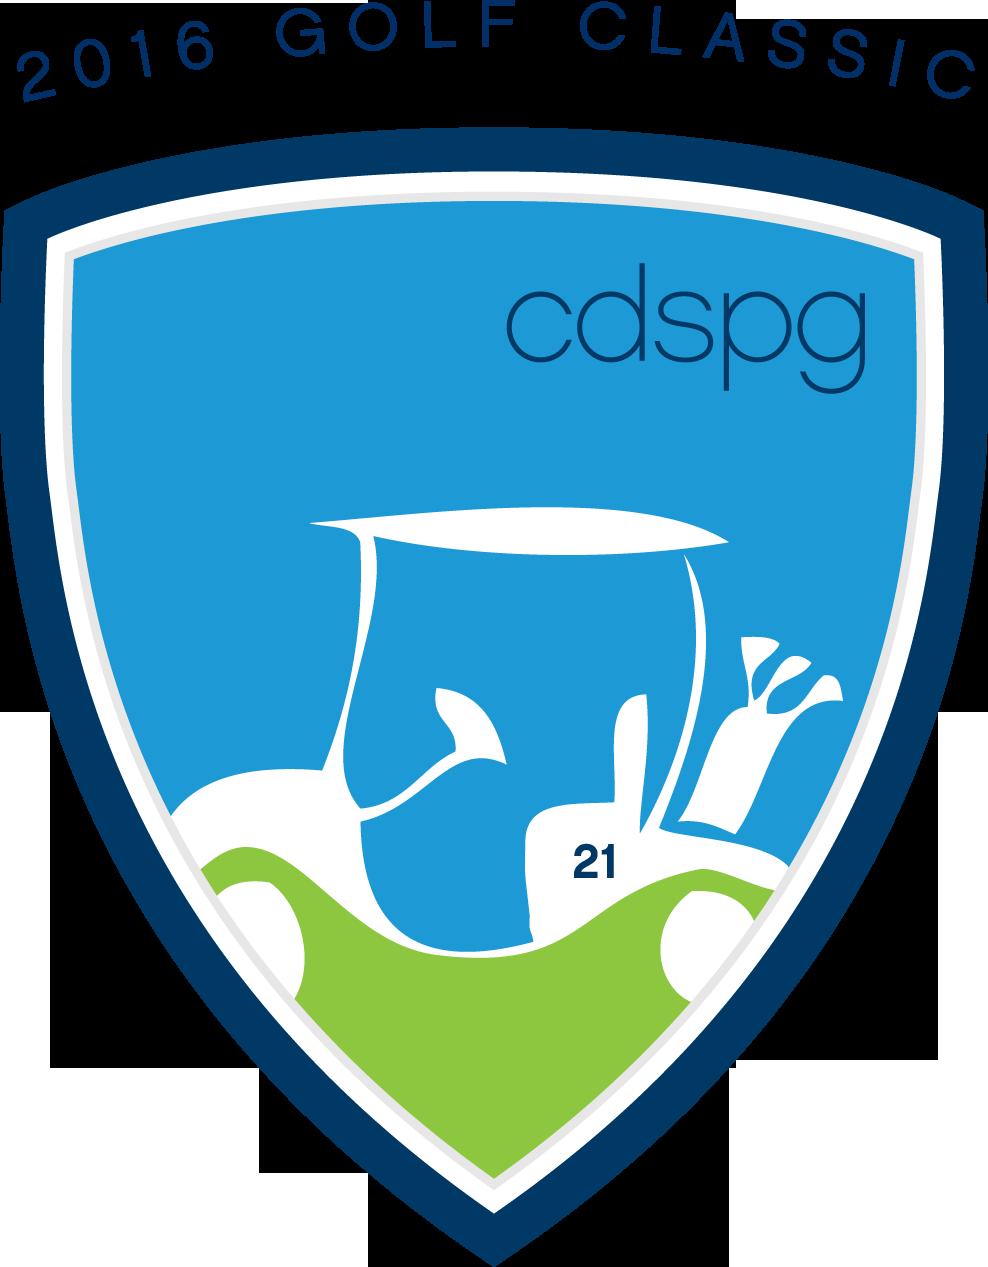 CDSPG Golf Classic